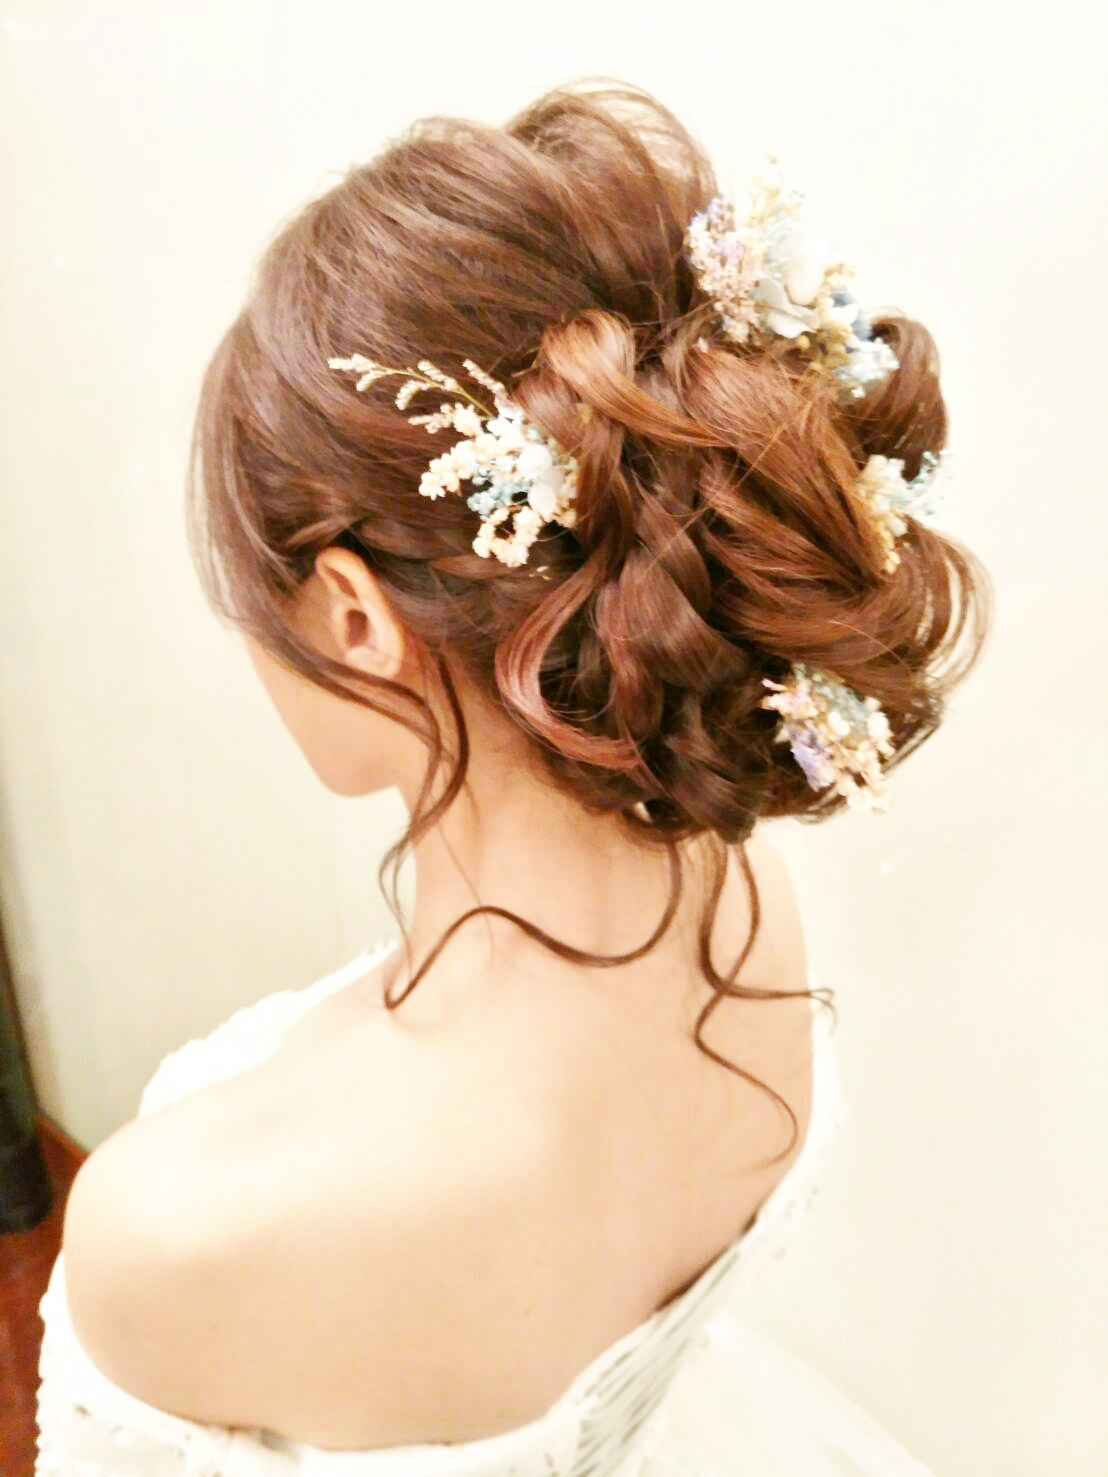 台北新娘秘書推薦 – 新秘千越 : 結婚宴客造型(2019-08-29)